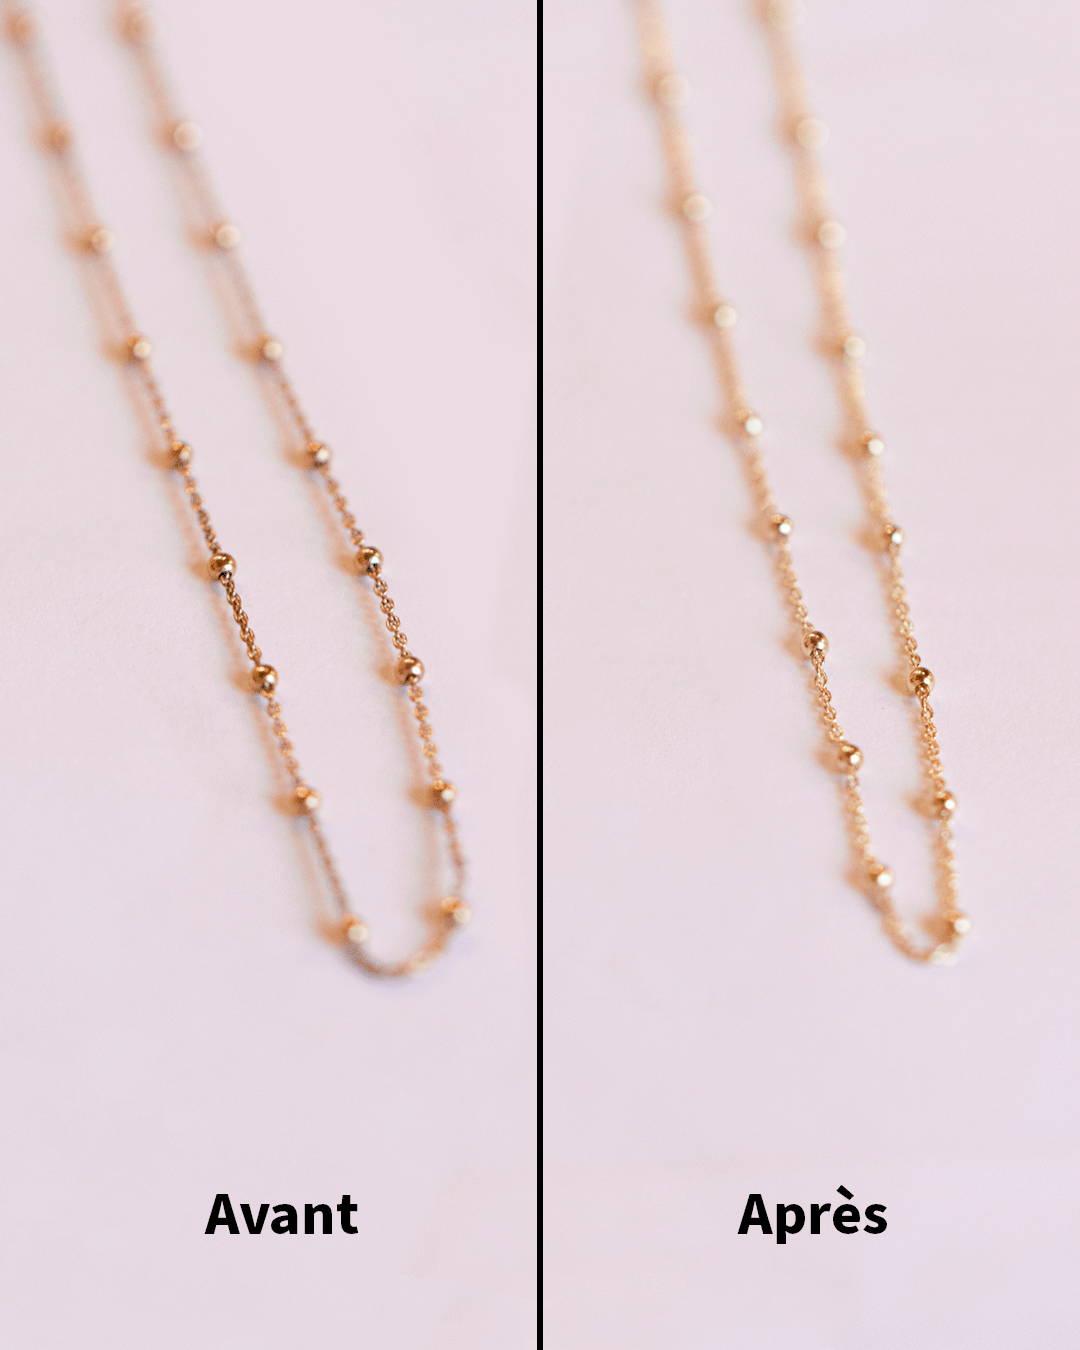 résultat de nettoyage d'un bijou en plaqué or avant après